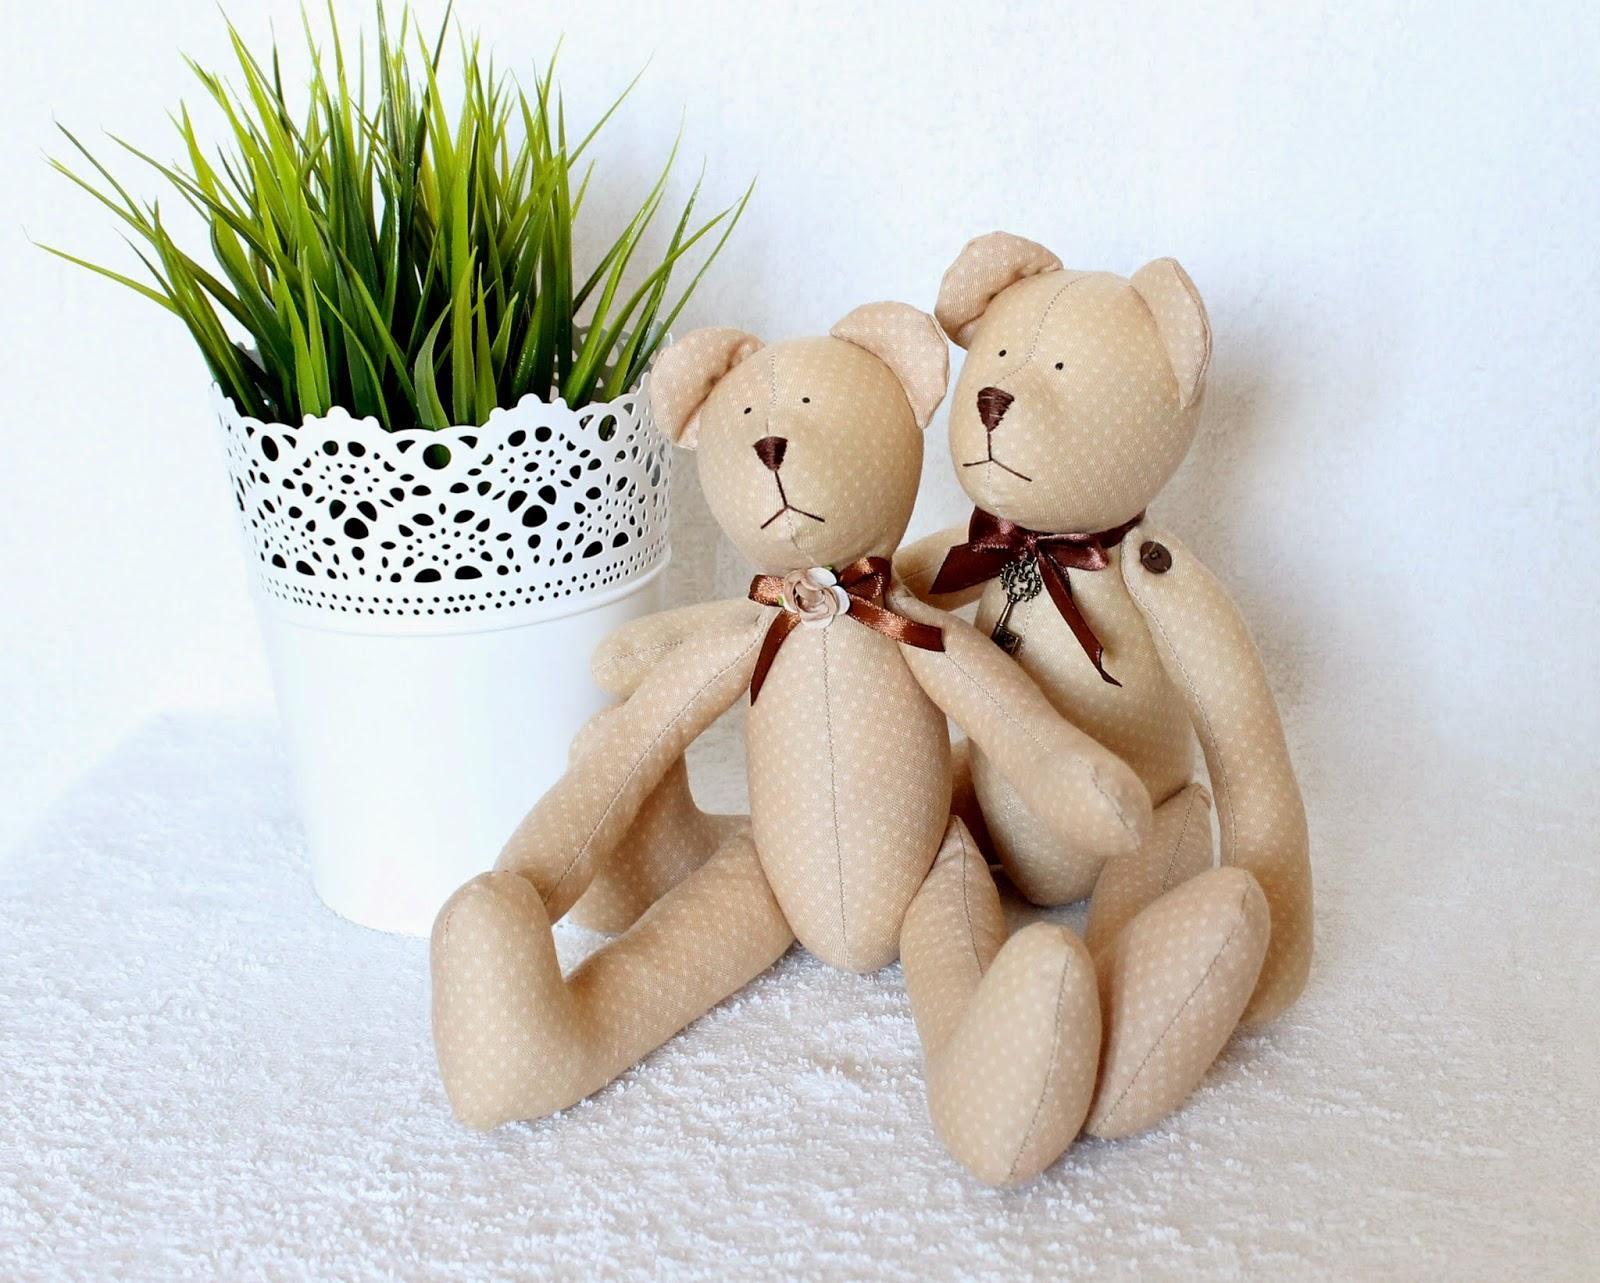 Мишки, медведи, мишка тильда, медвежонок, купить мишку, мишка тедди, мишки тэдди